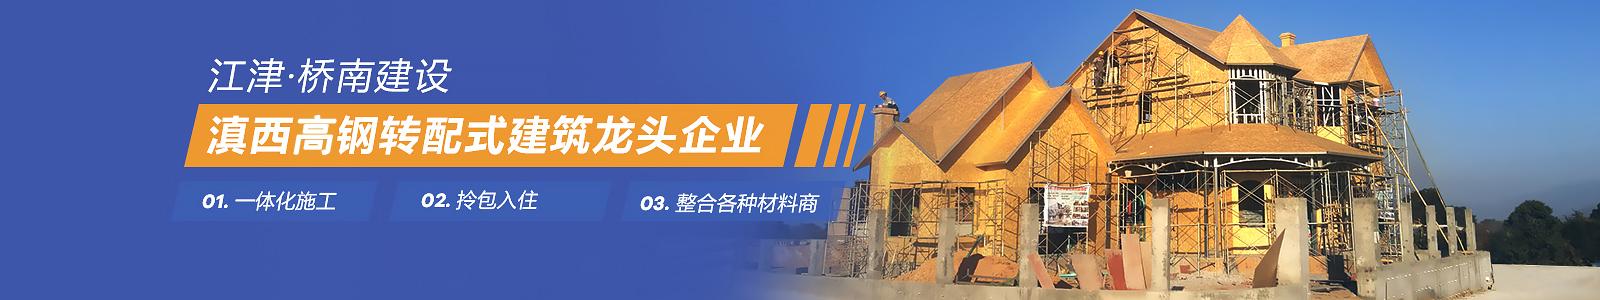 江津·ballbet贝博app建设-滇西ballbet手机装配式建筑龙头企业